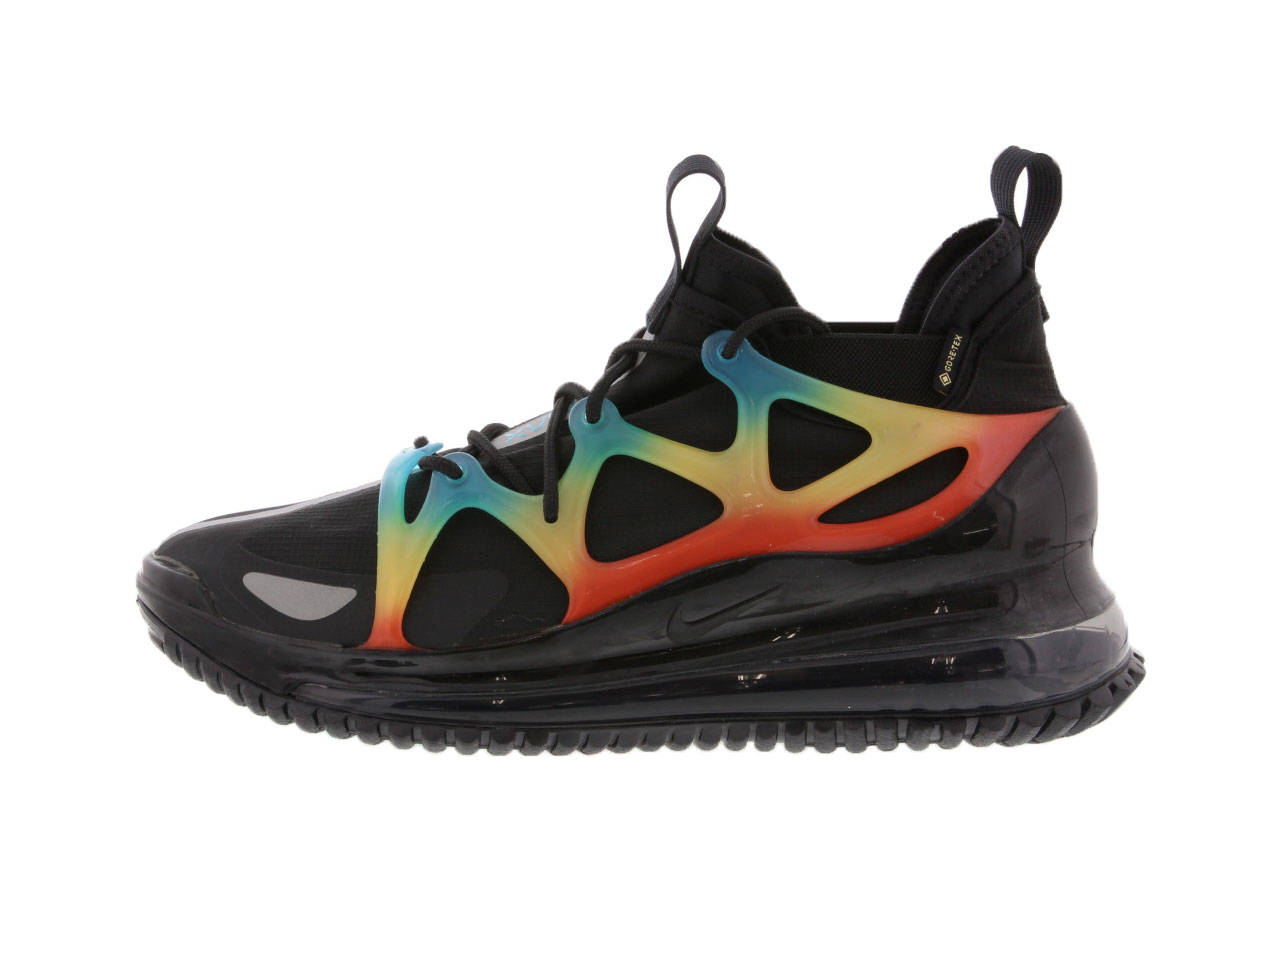 NIKE AIR MAX 720 HORIZON(BQ5808-003)【ナイキ エアマックス720 ホライゾン】【メンズファッション】【シューズ】【スニーカー】【靴】【フットウェア】【ストアレビュー記載でソックスプレゼント対象品】